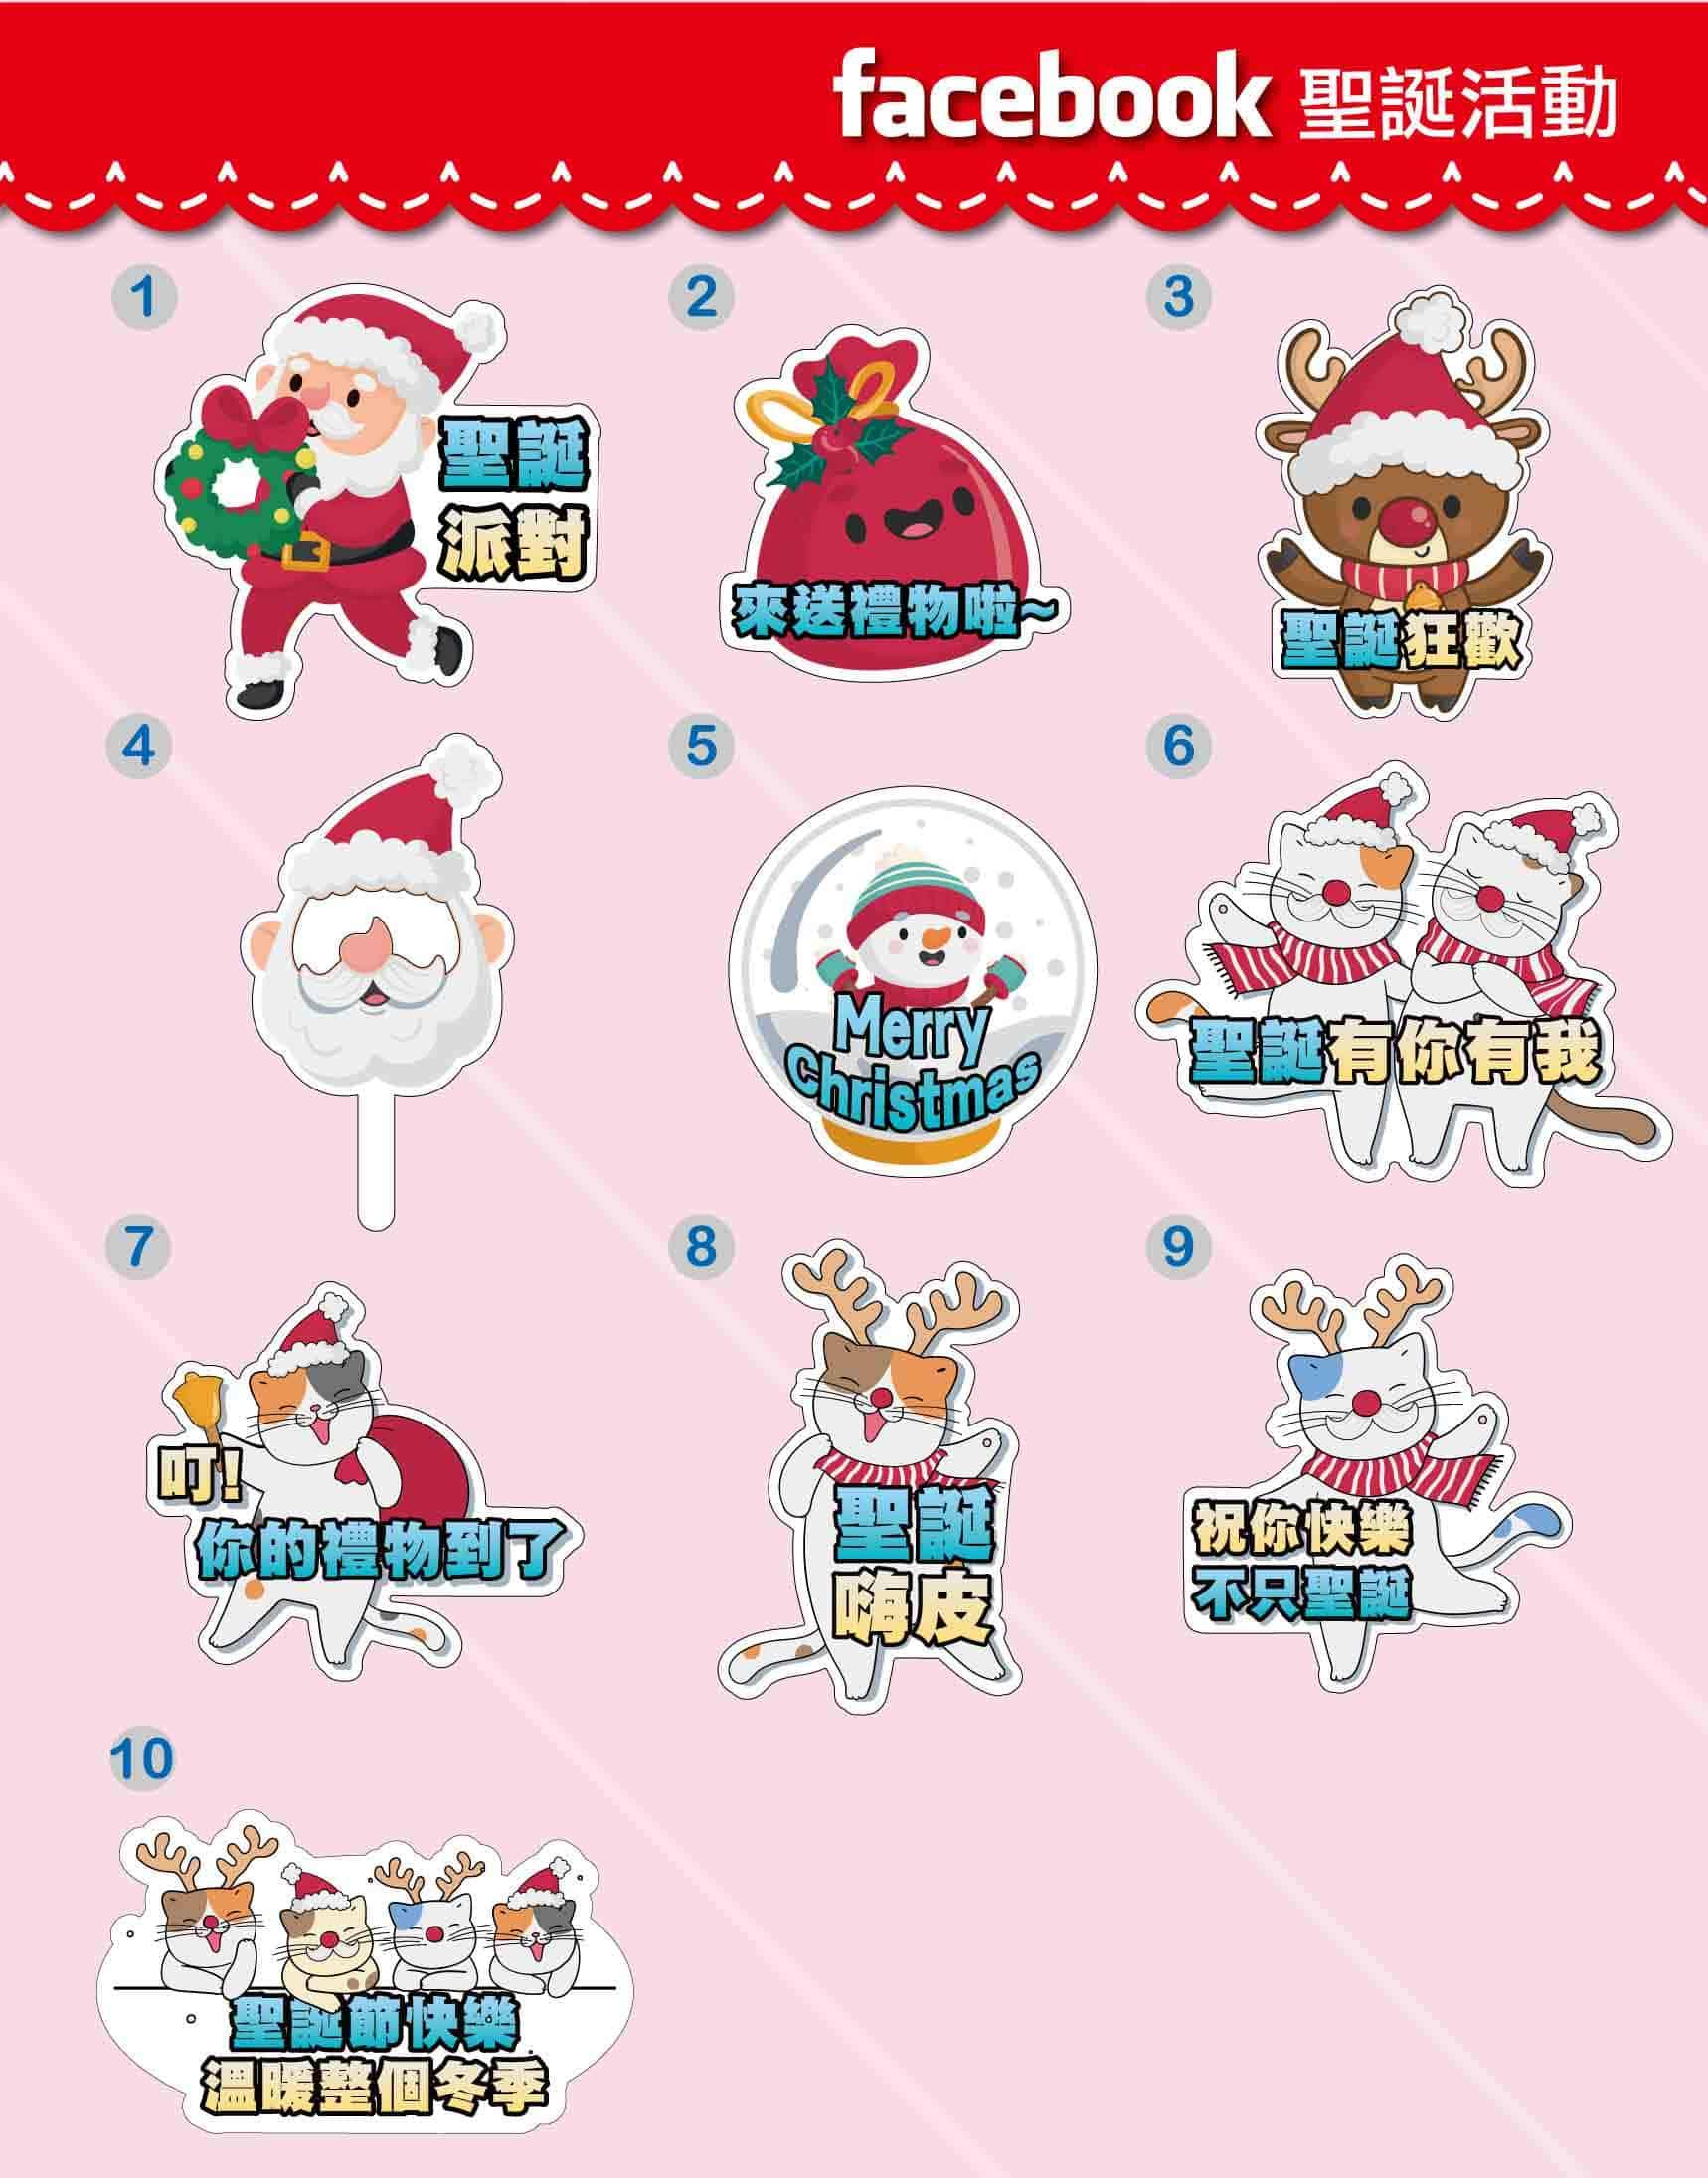 20210910-6聖誕節-手拿板(上架版面轉外框)_手拿板平台資訊-Christmas-1